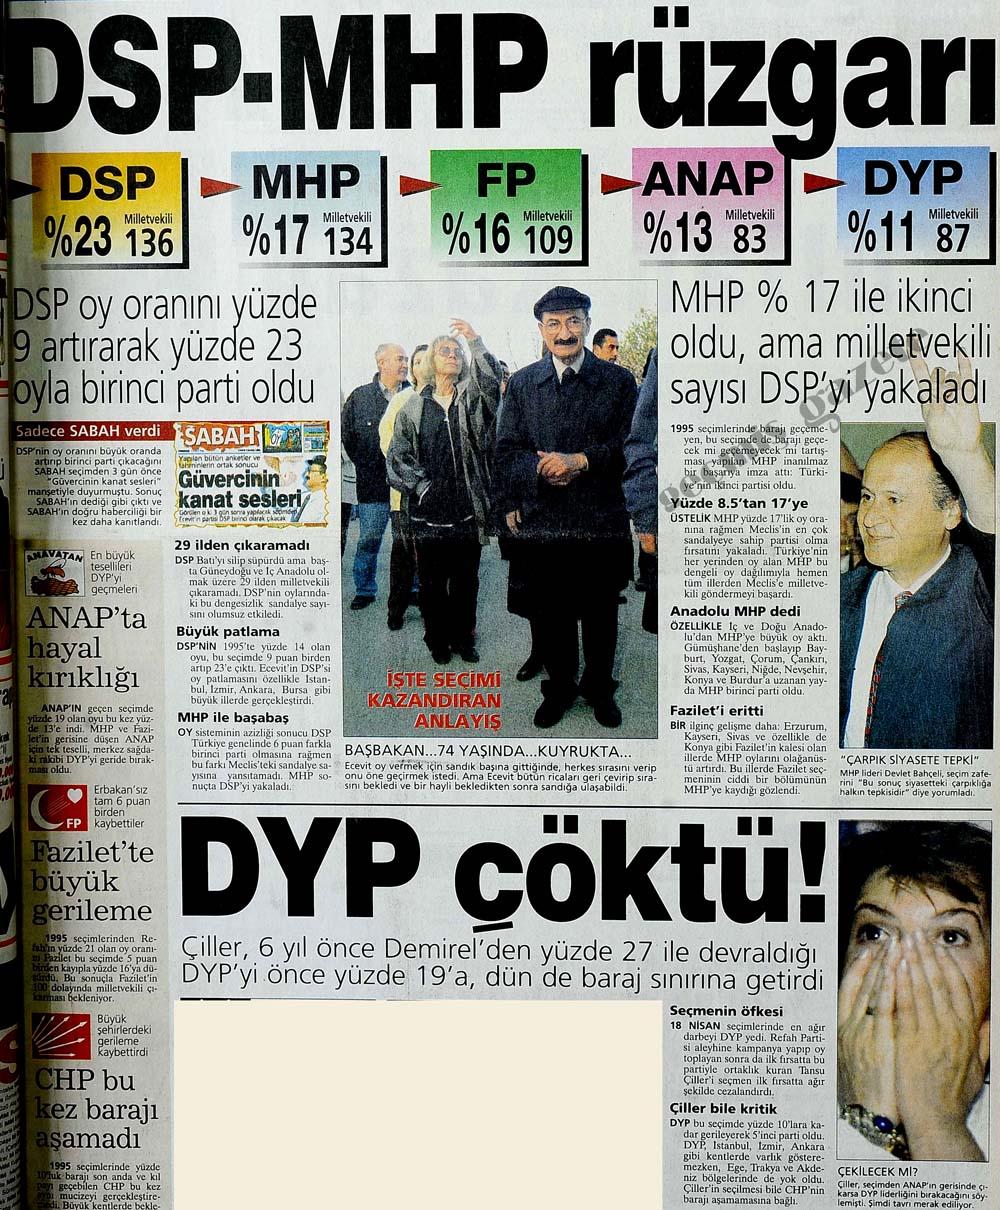 DSP-MHP rüzgarı DYP çöktü!